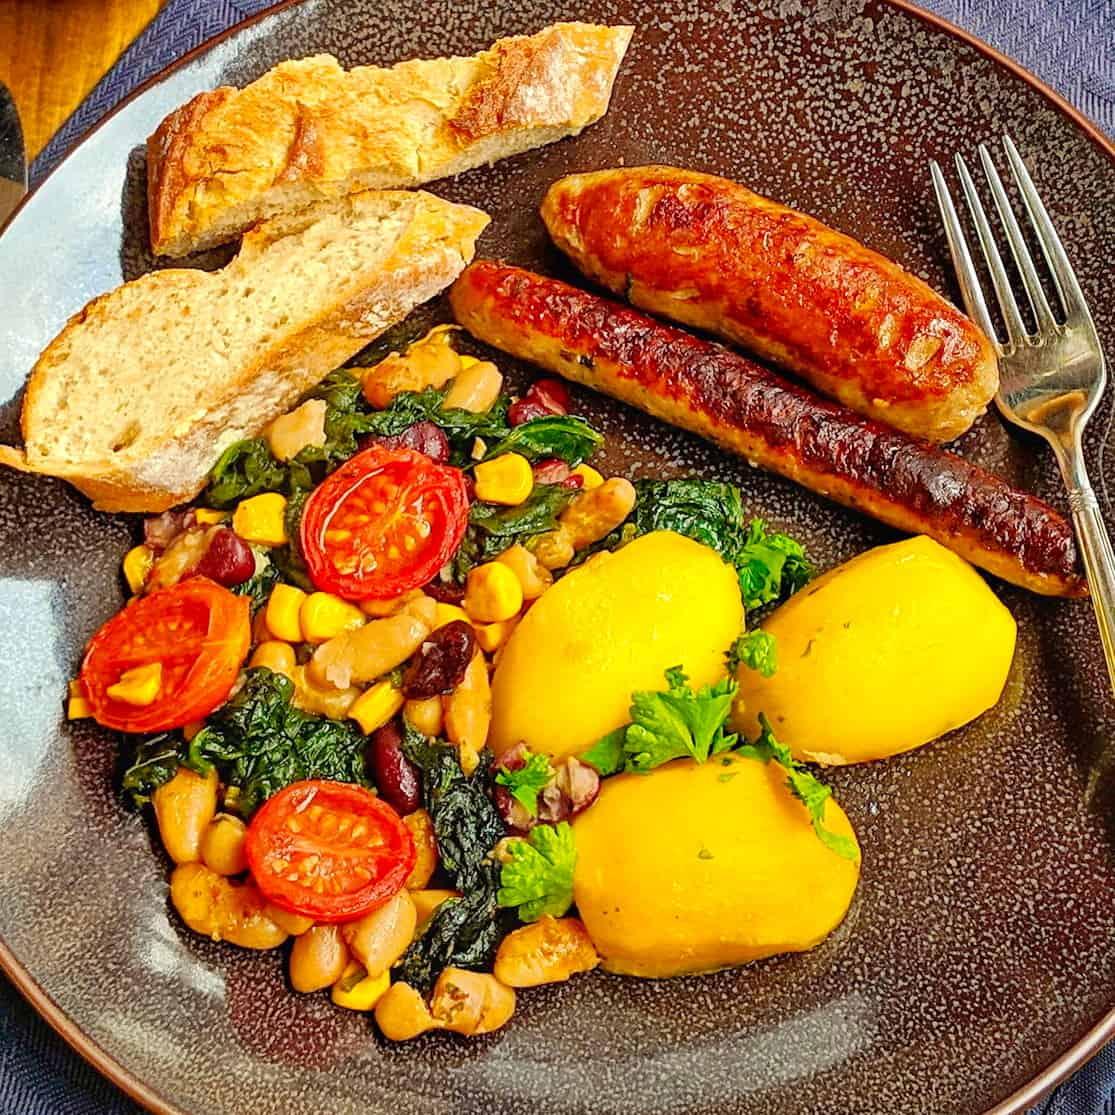 Ein dunkler Teller mit dem Cassoulet Gericht. Dahinter ein Schälchen mit Brot und ein Schälchen mit Salat.